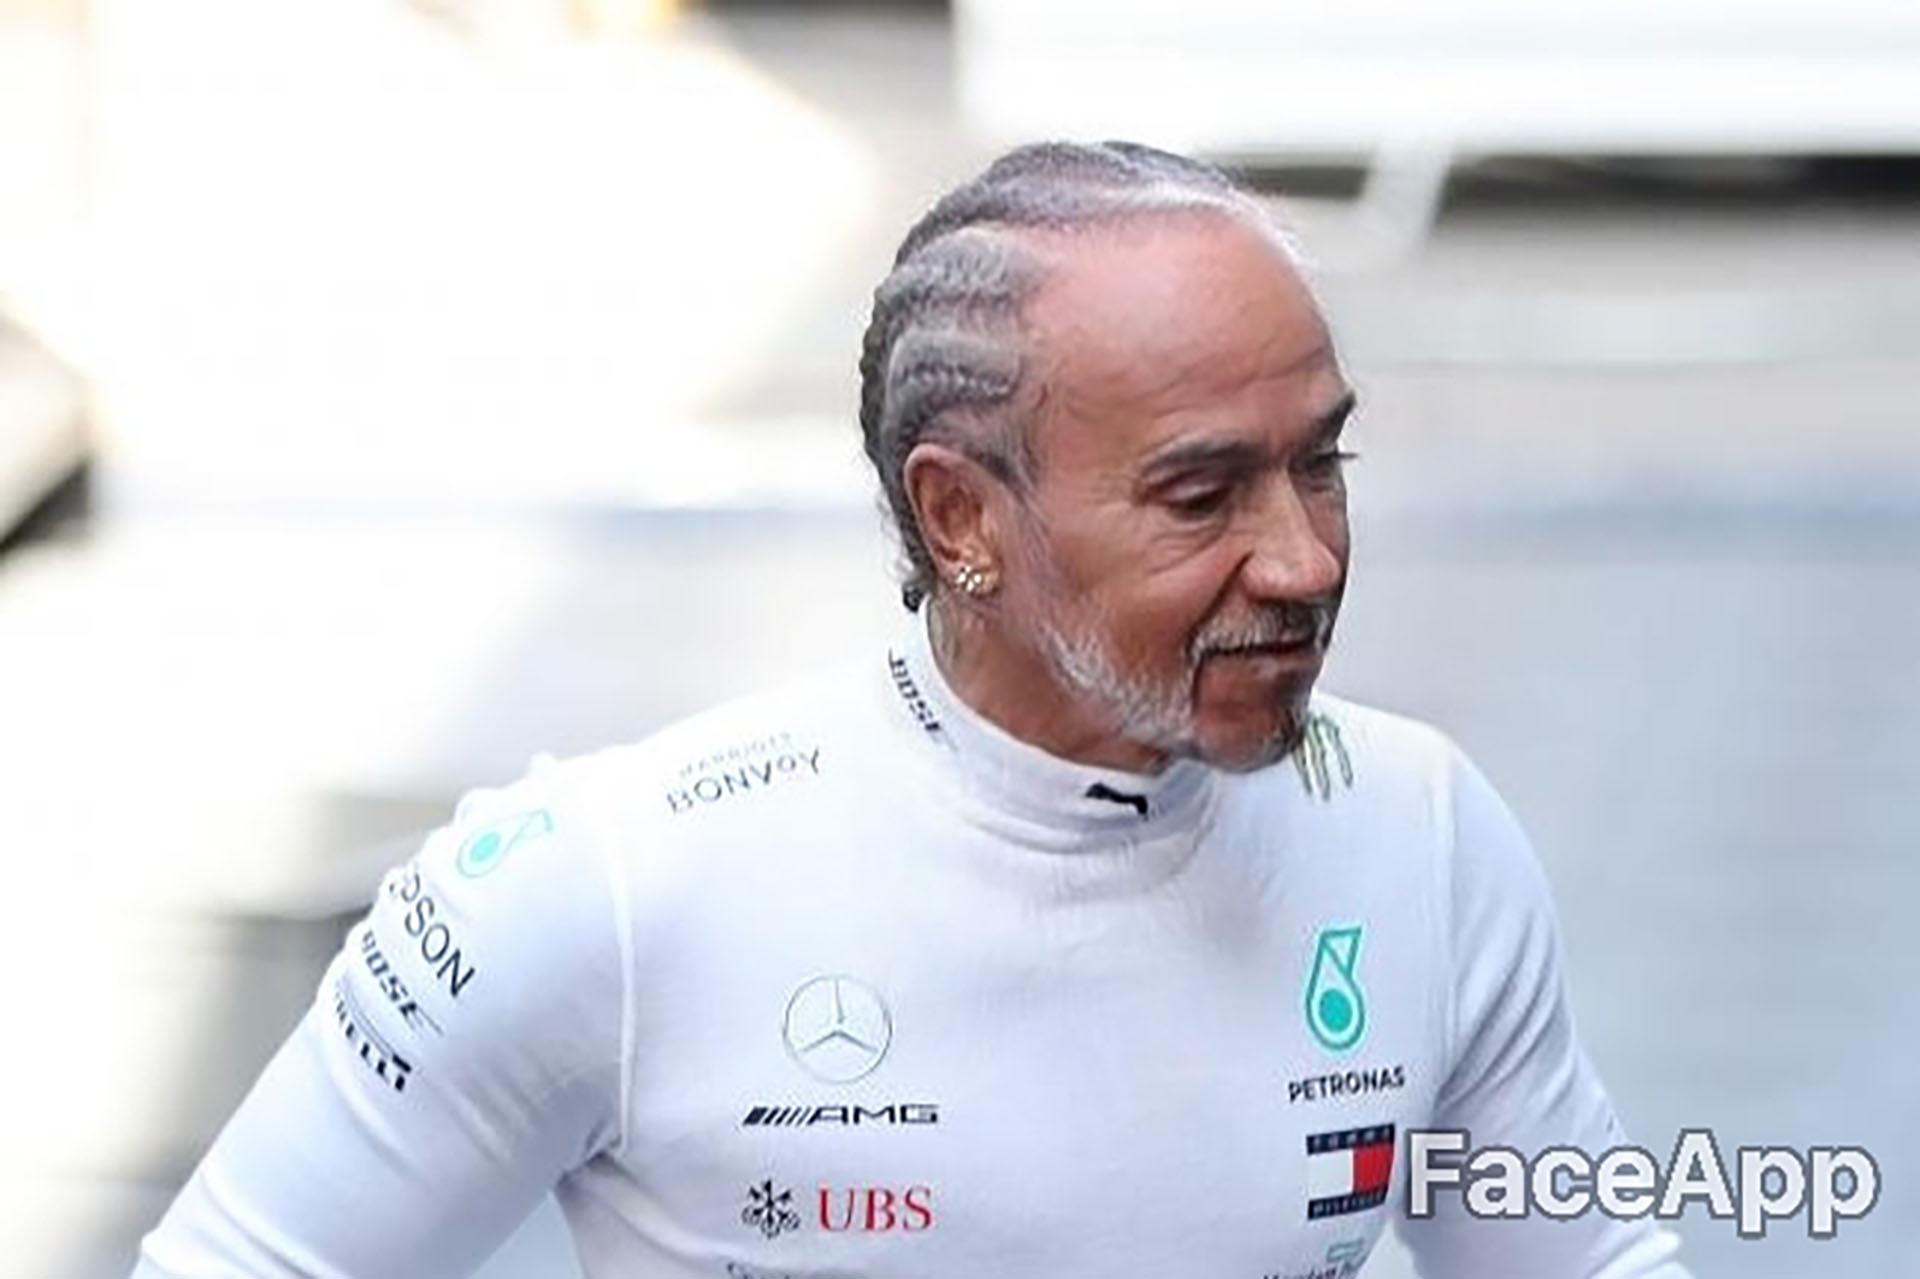 Un Lewis Hamilton experimentado aún desconoce o que es ser segundo en la Fórmula 1